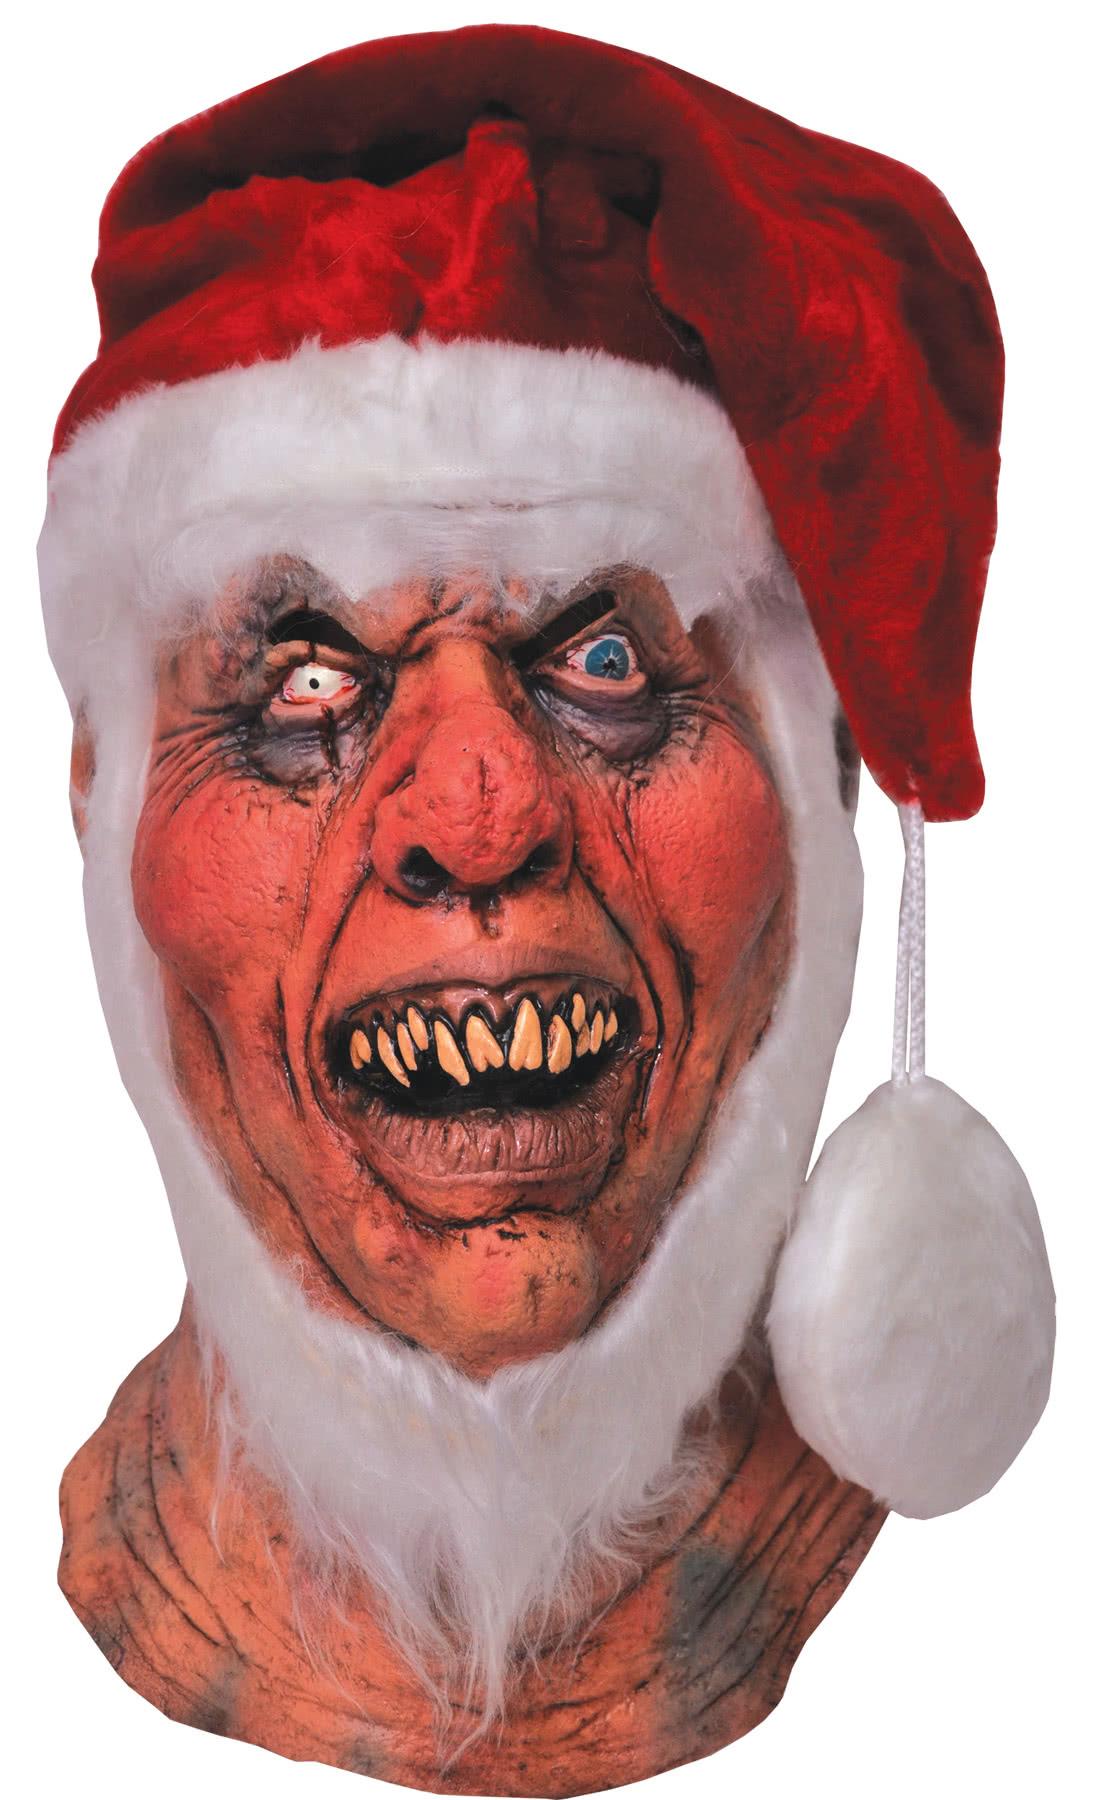 santa claws maske nikolaus maske santa claus maske weihnachtsmann maske horror. Black Bedroom Furniture Sets. Home Design Ideas